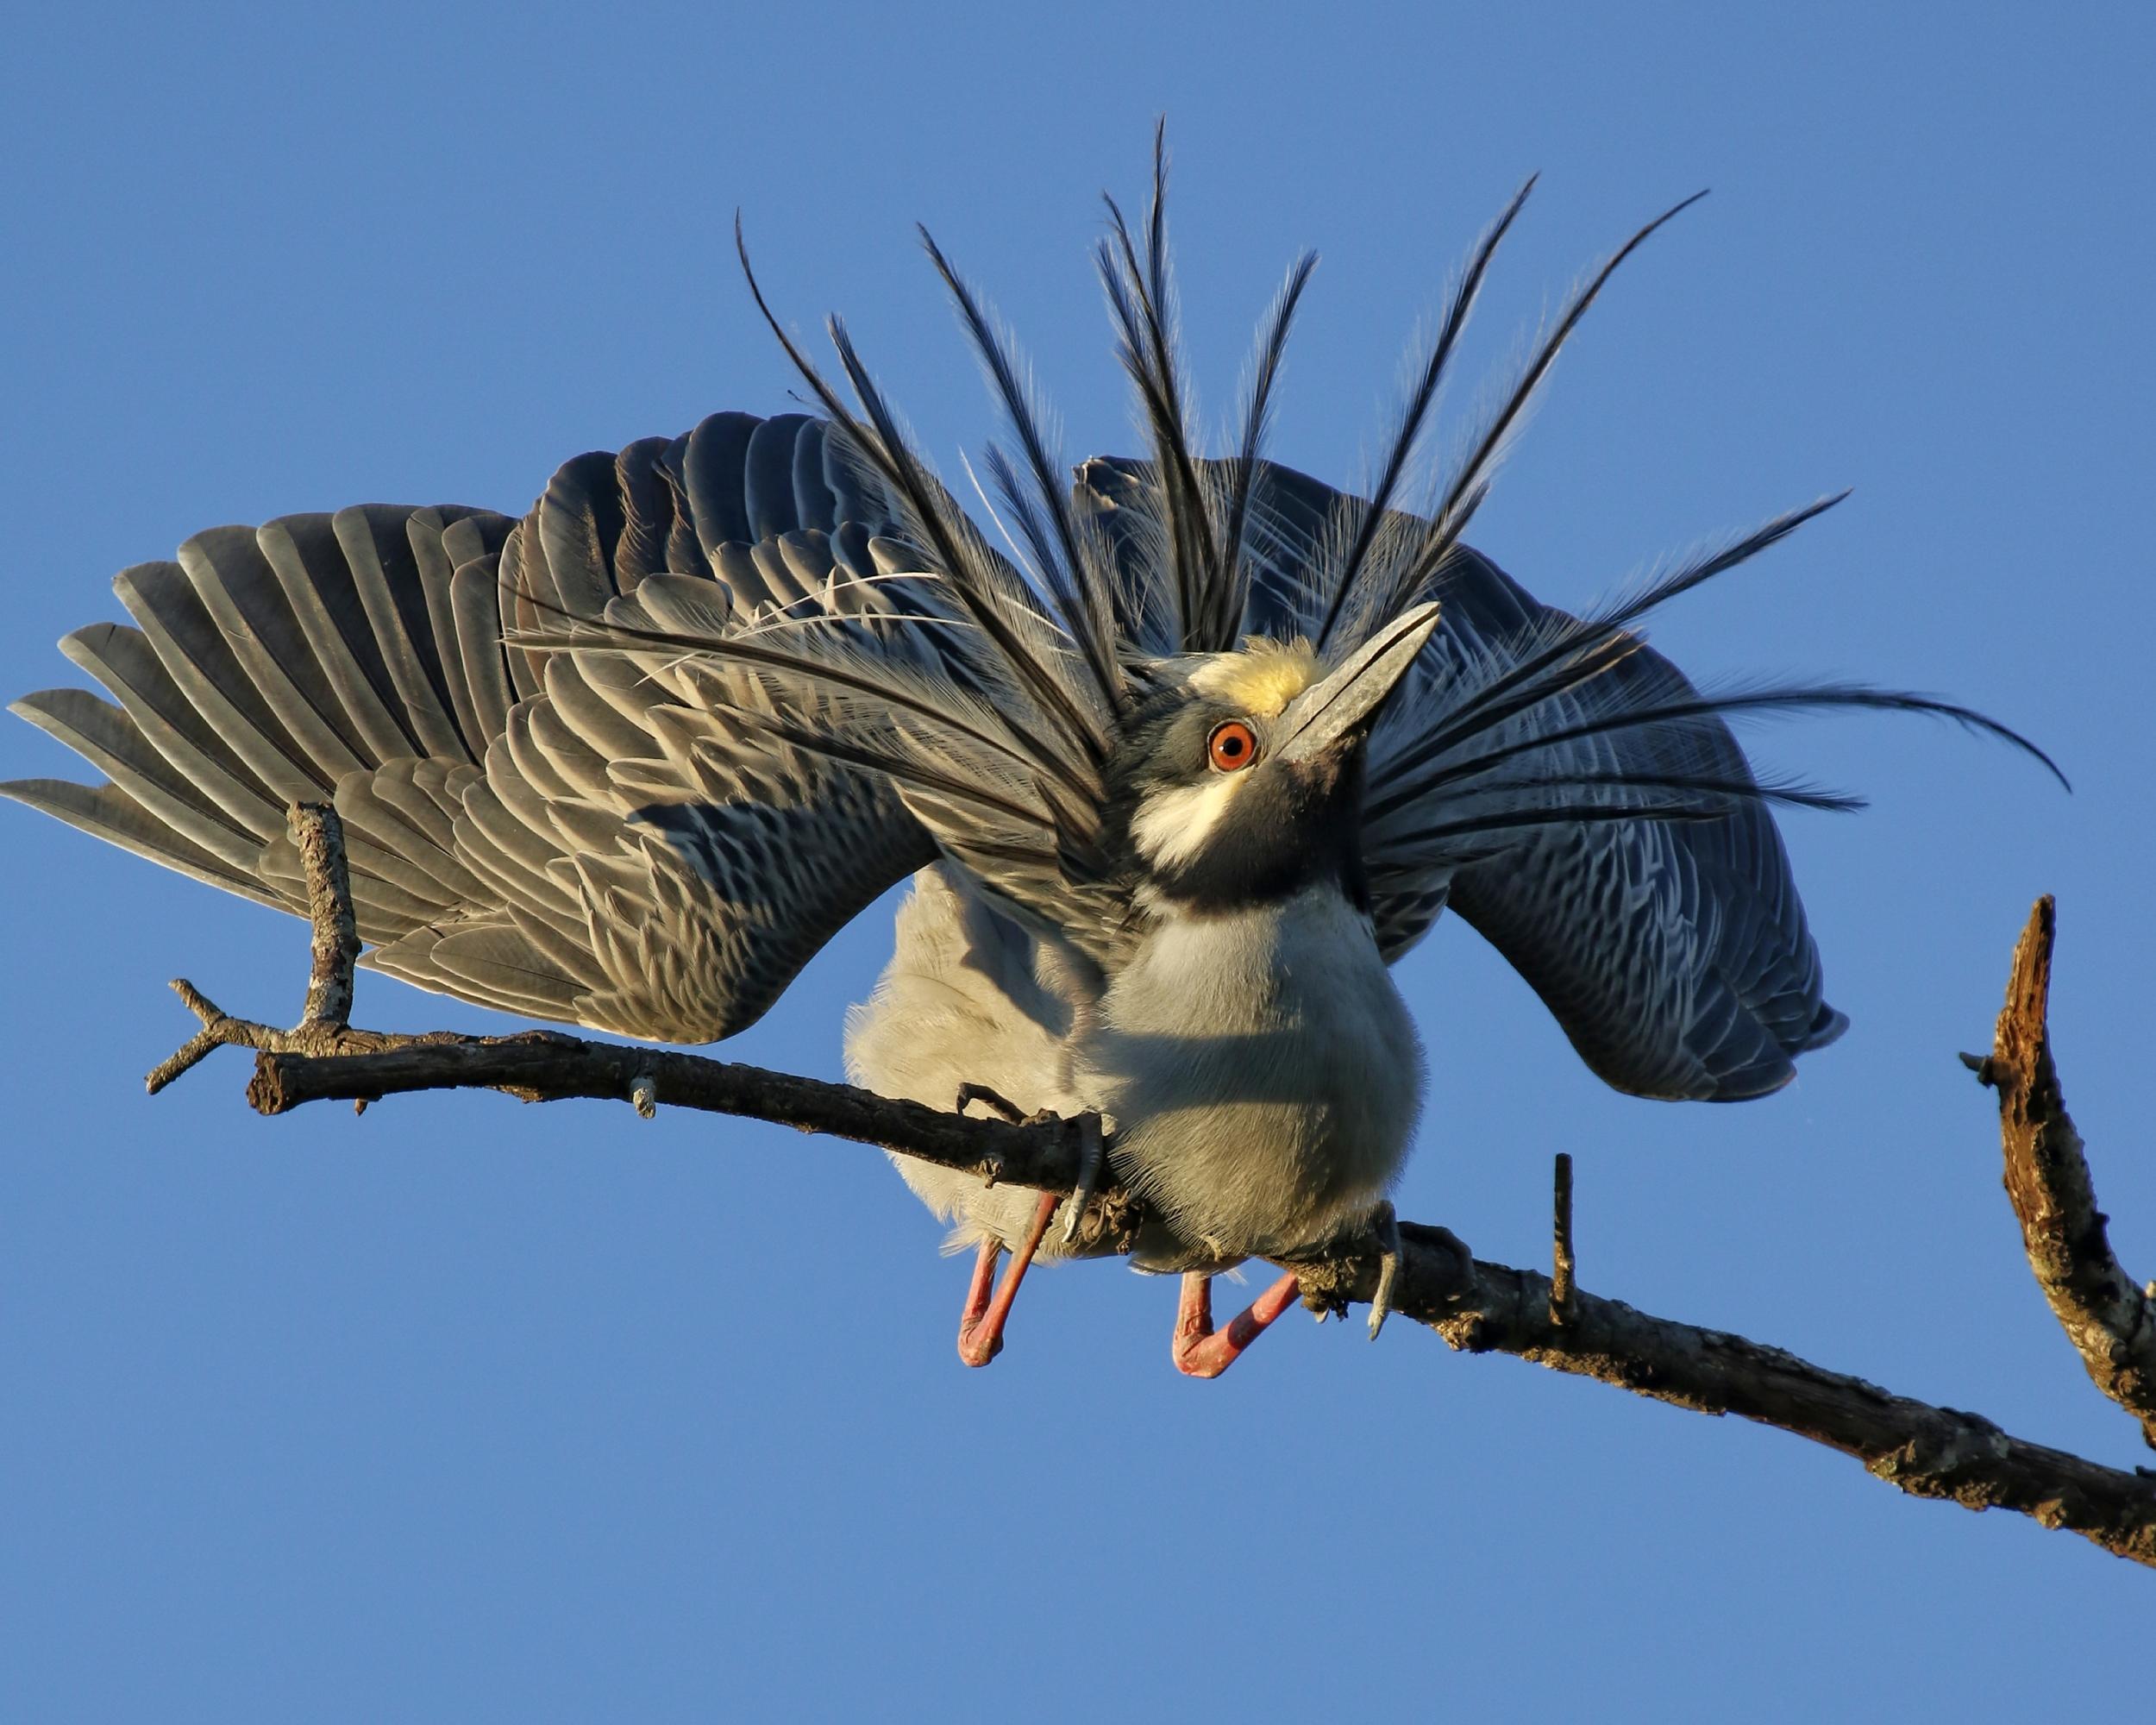 AHHGG! The boogey bird!